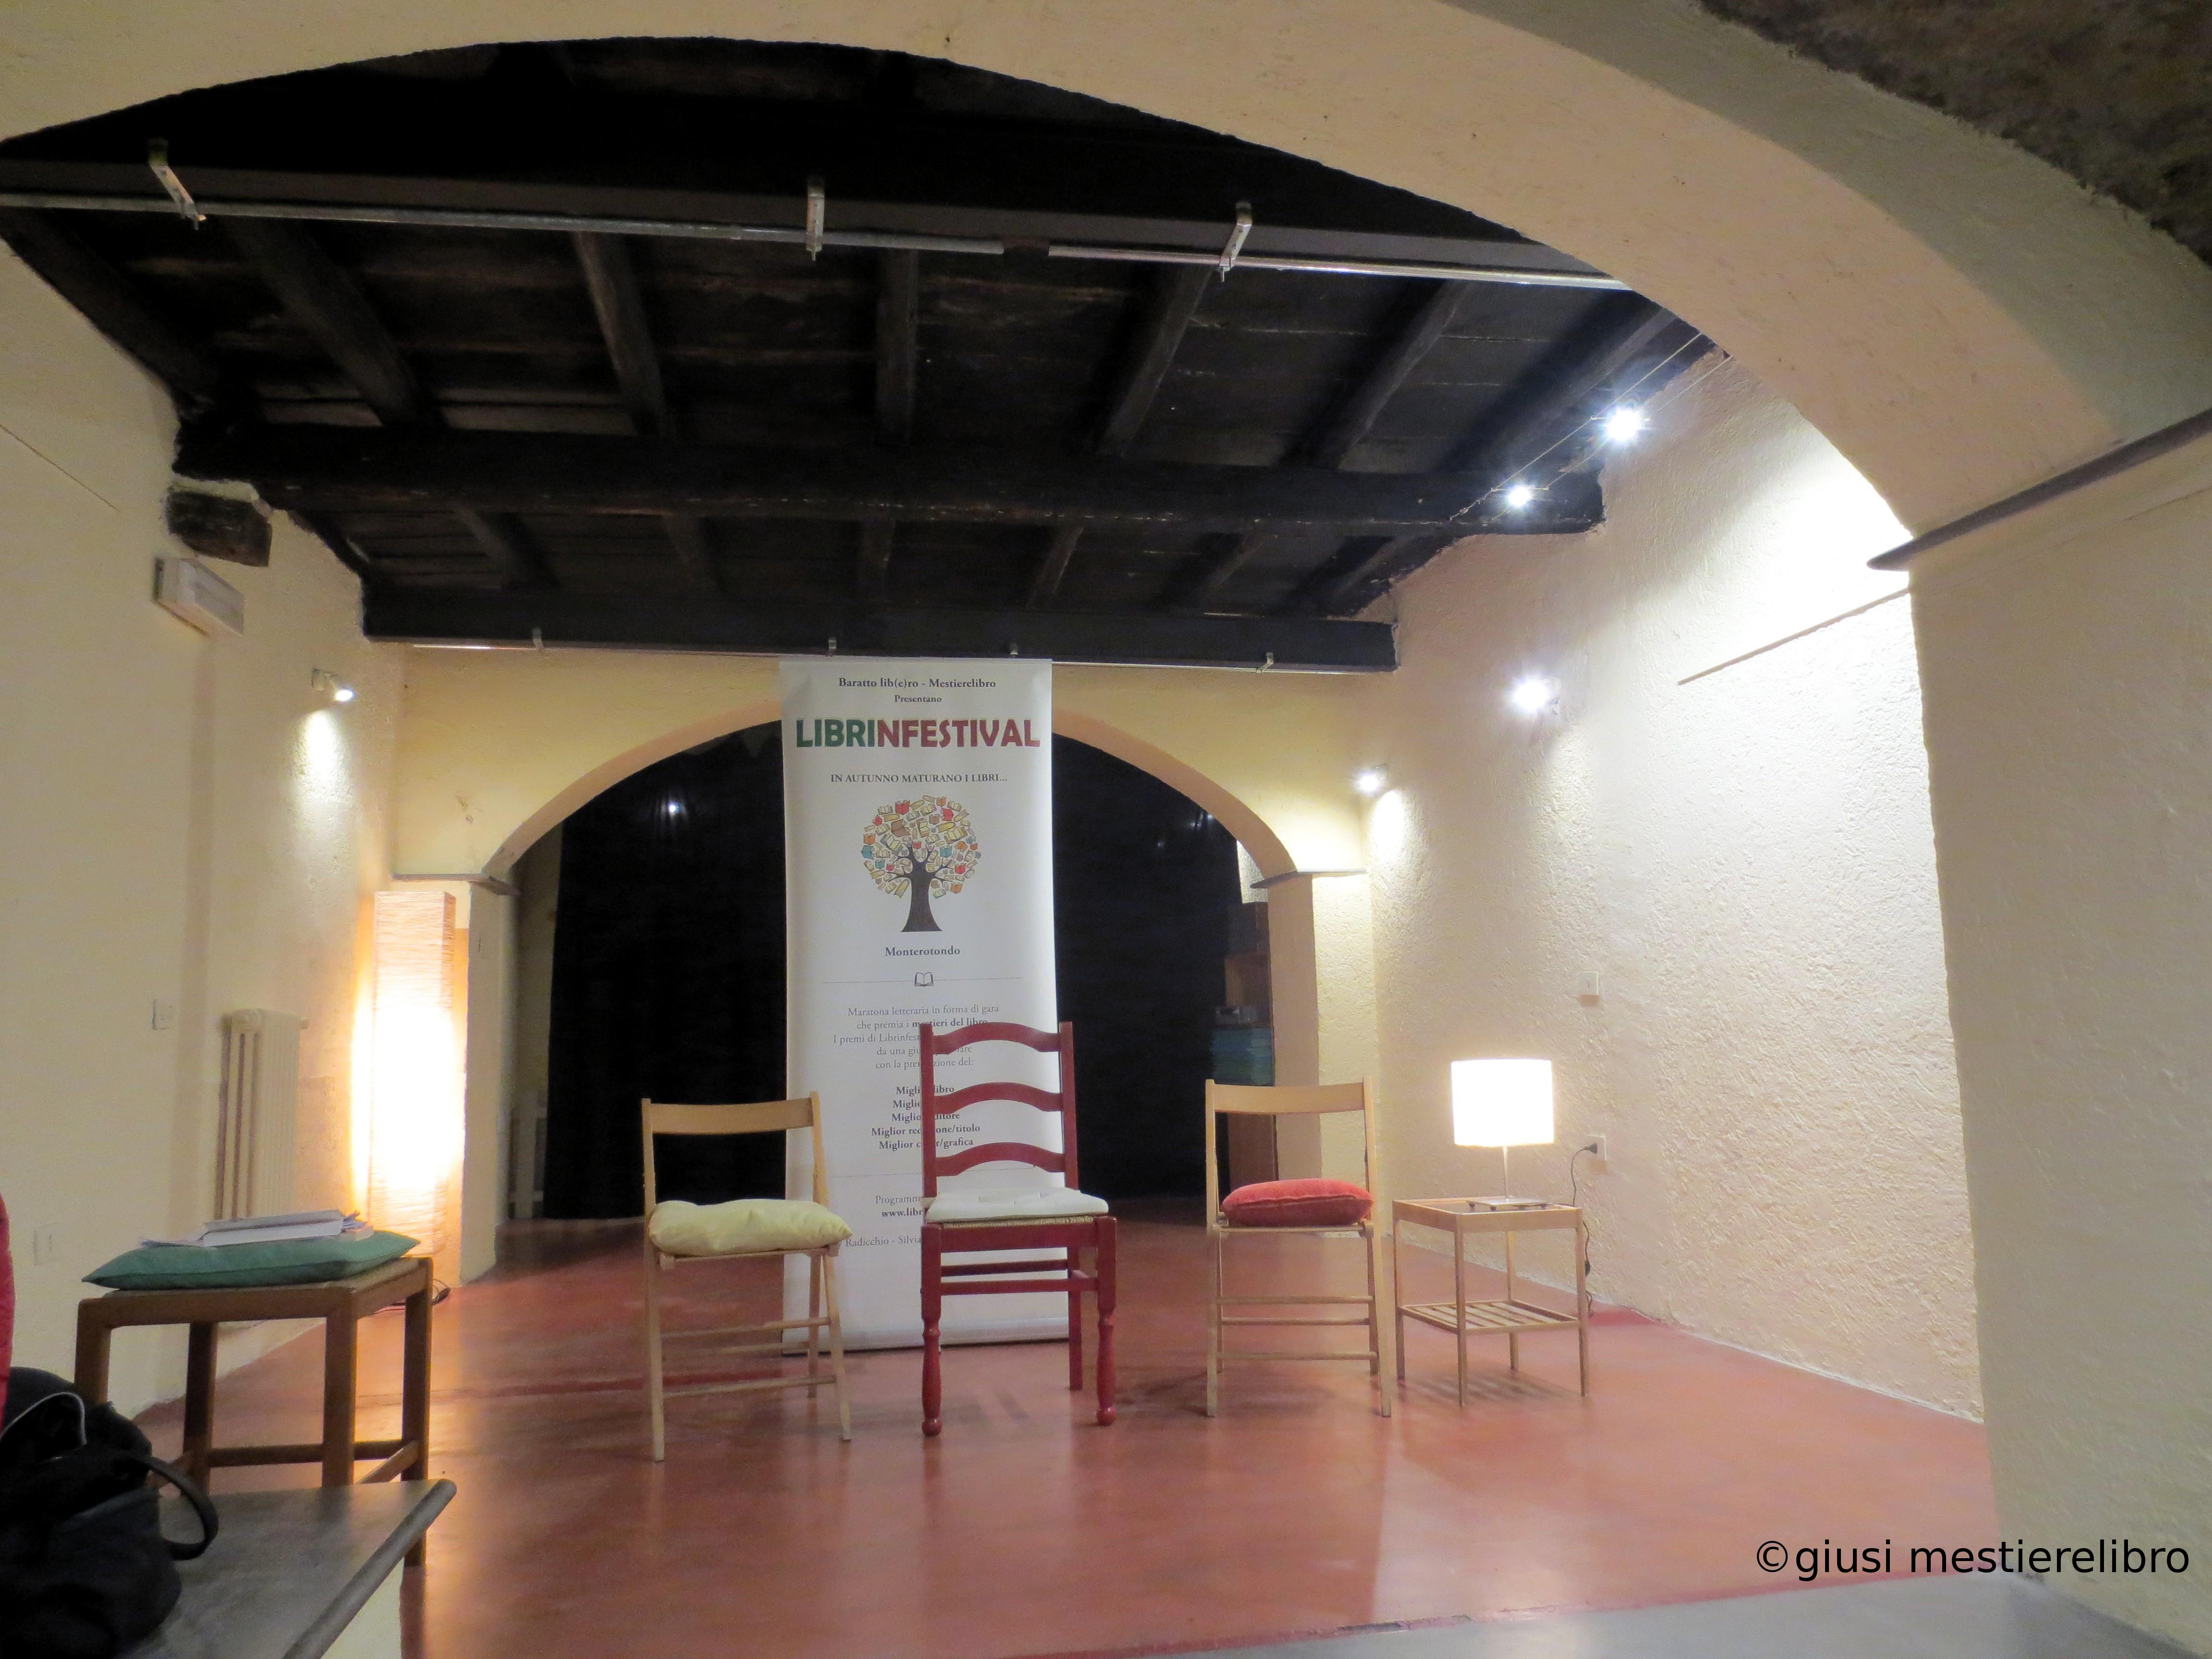 #Librinfestival, M.Cristina Mannocchi, La trama dell'invisibile, Sala 14